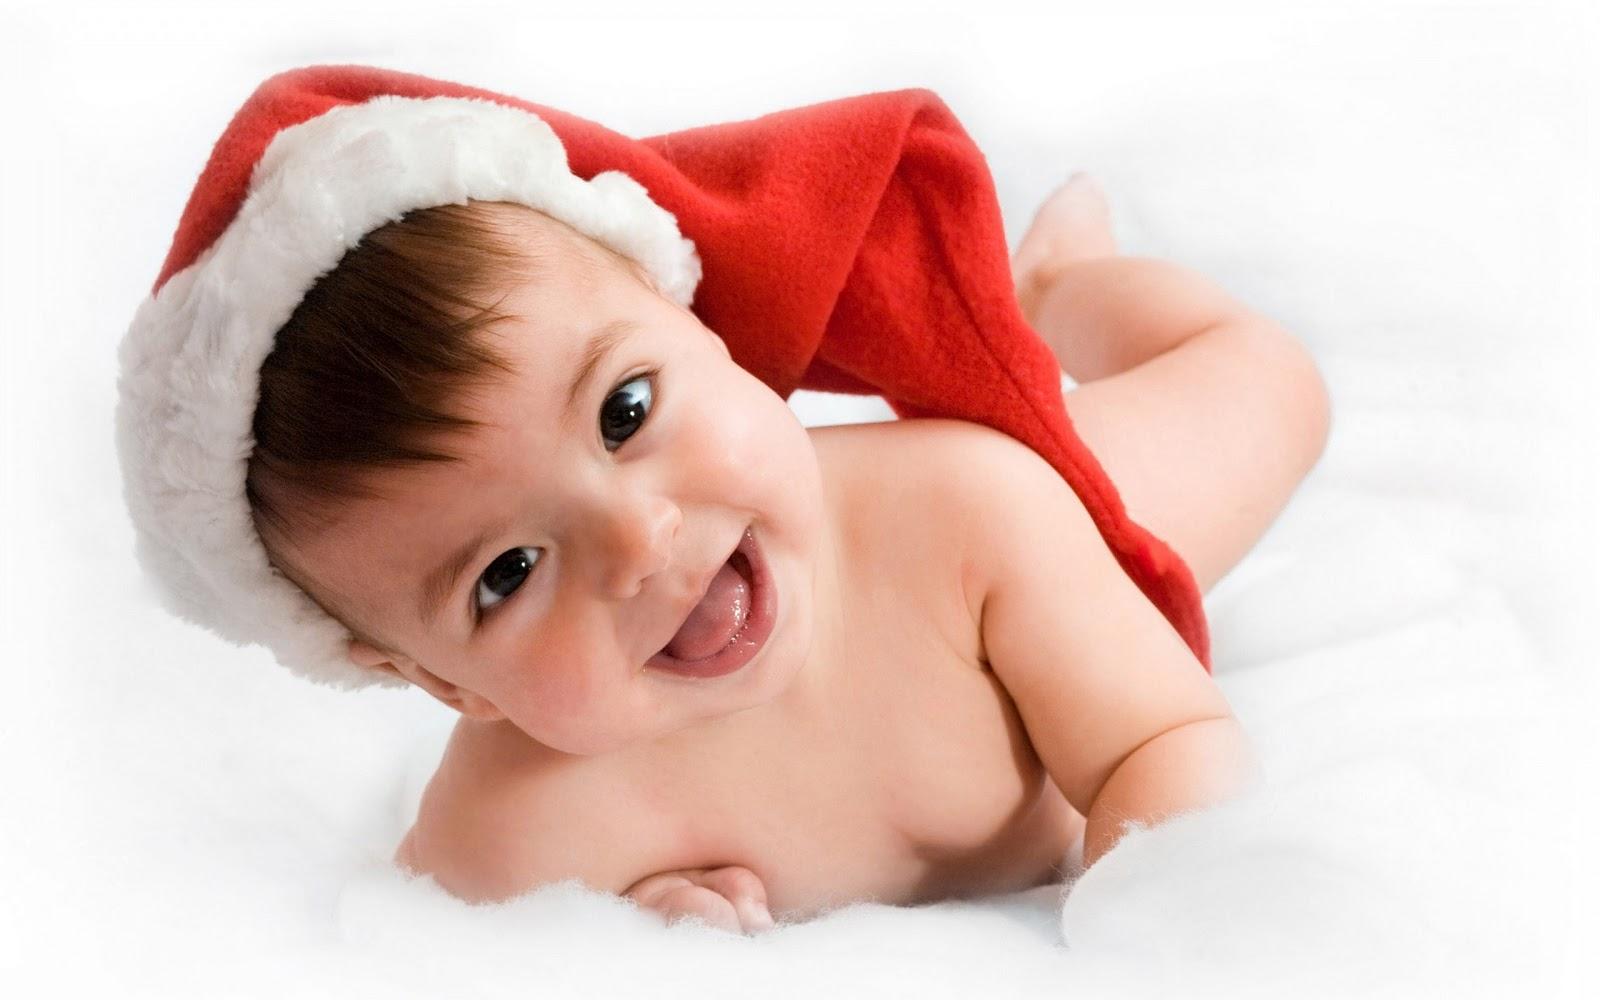 Baby Wallpapers   Desktop Wallpapers